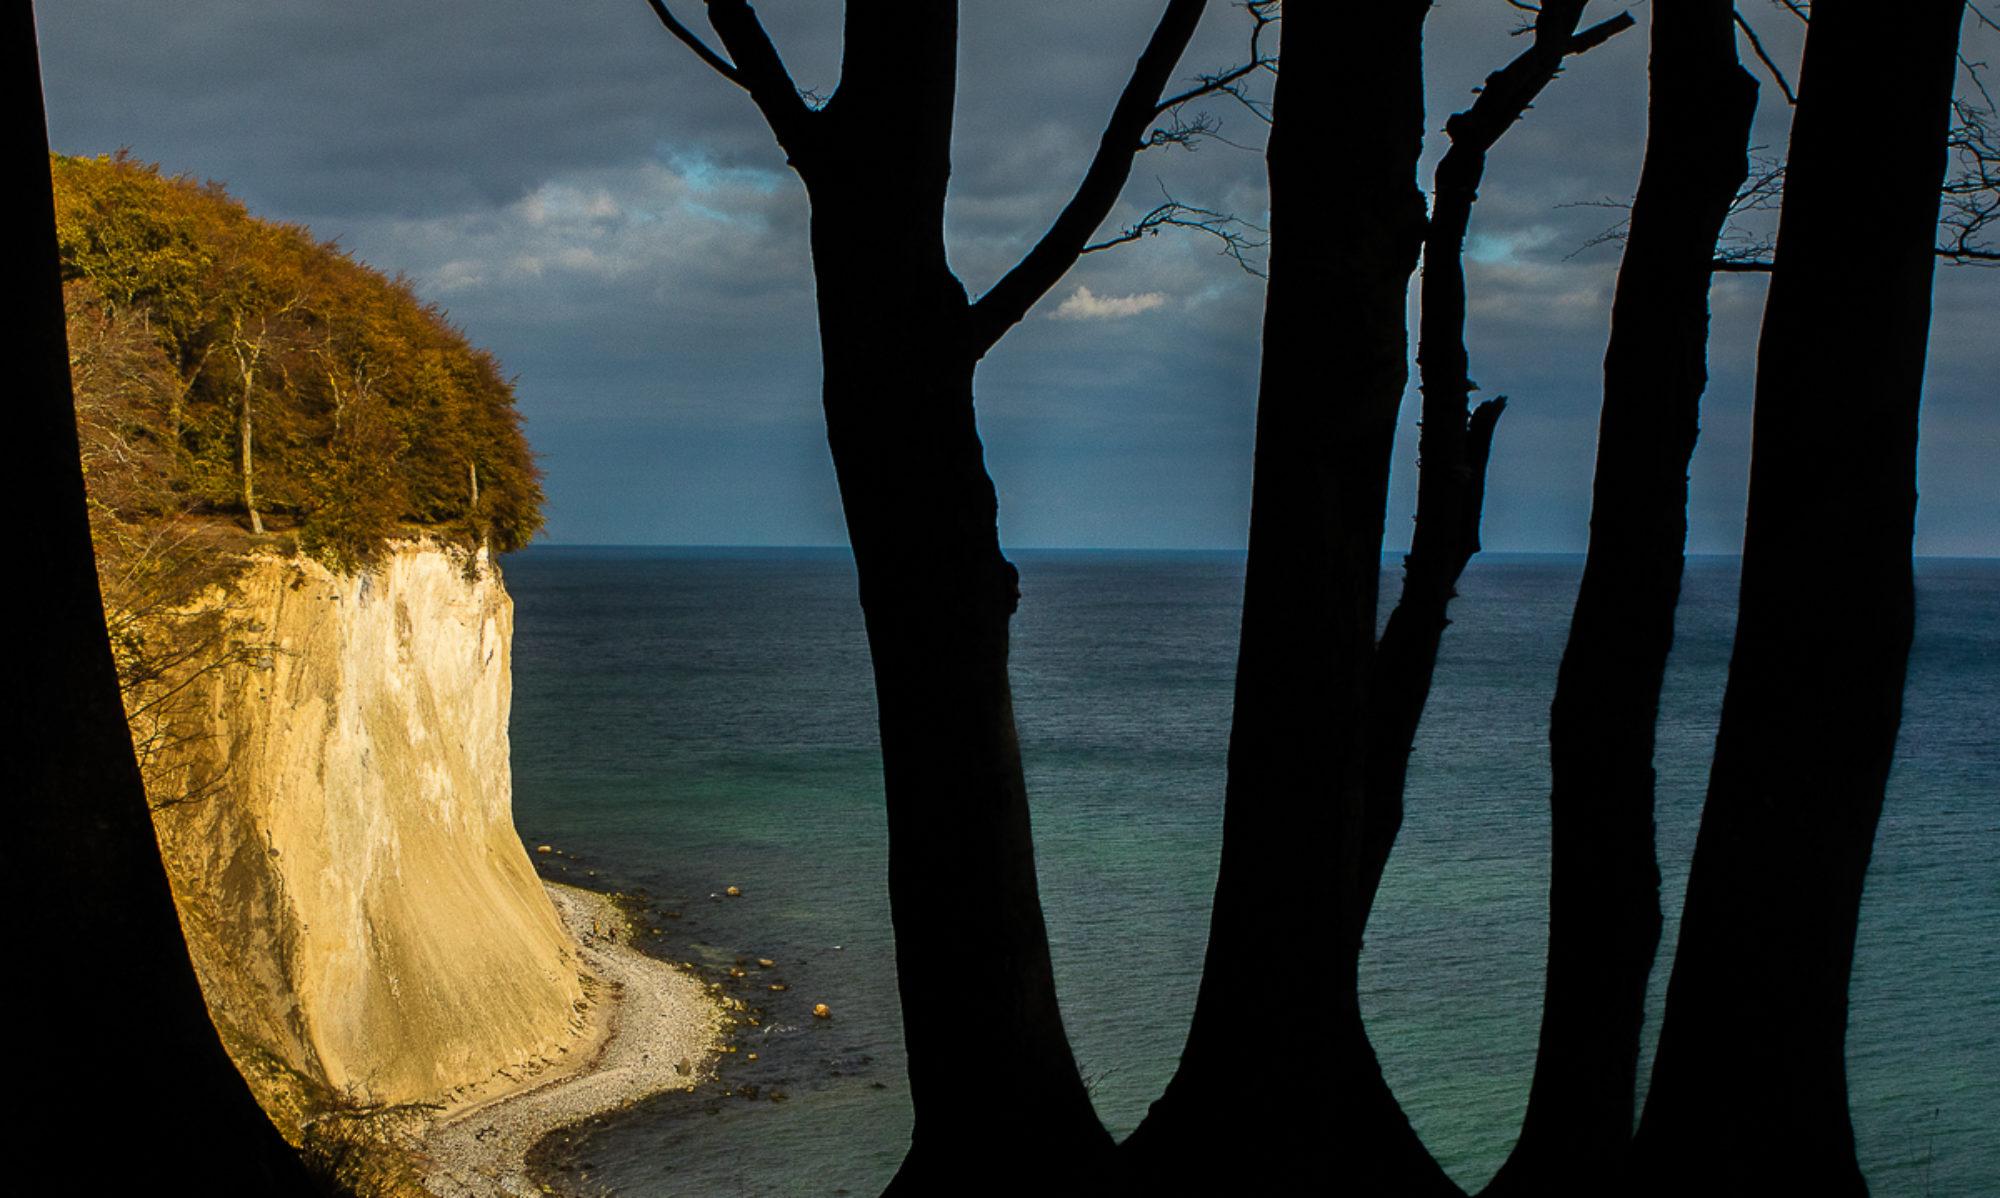 Naturfotografie Peter Ulrich